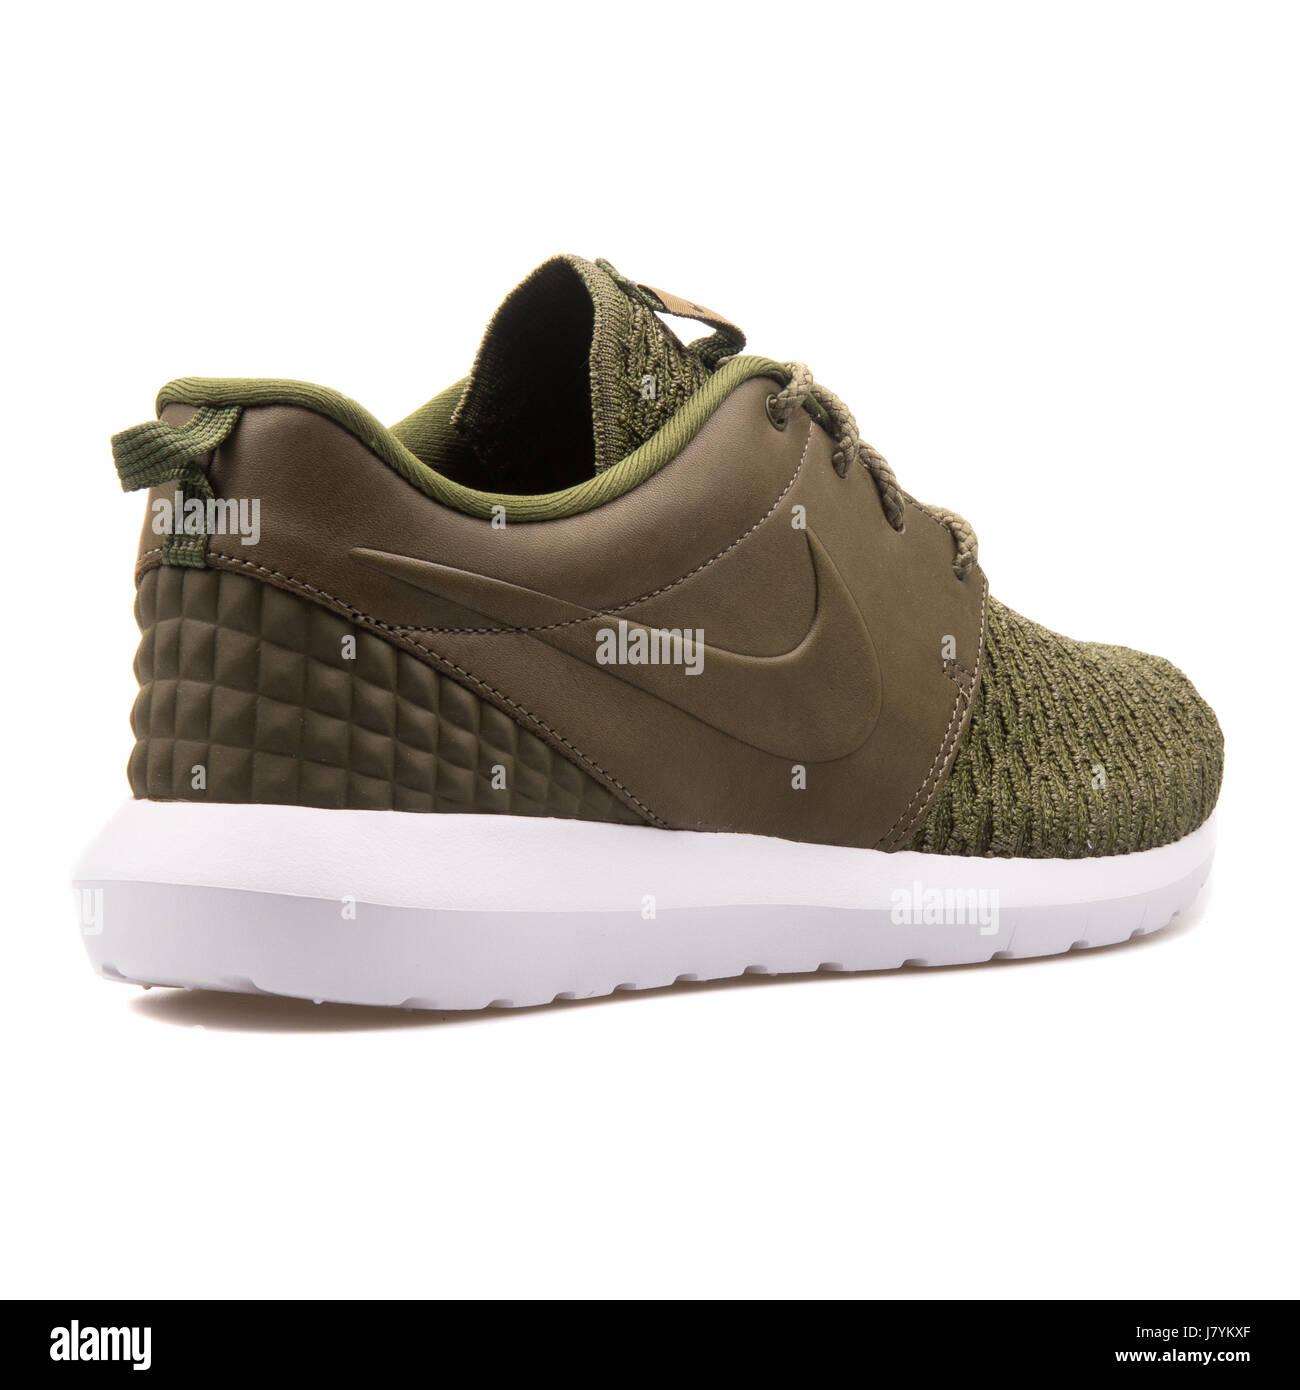 new arrivals cbd8b cb149 Nike Roshe NM Flyknit PRM Green Men s Running Sneakers - 746825-300 - Stock  Image